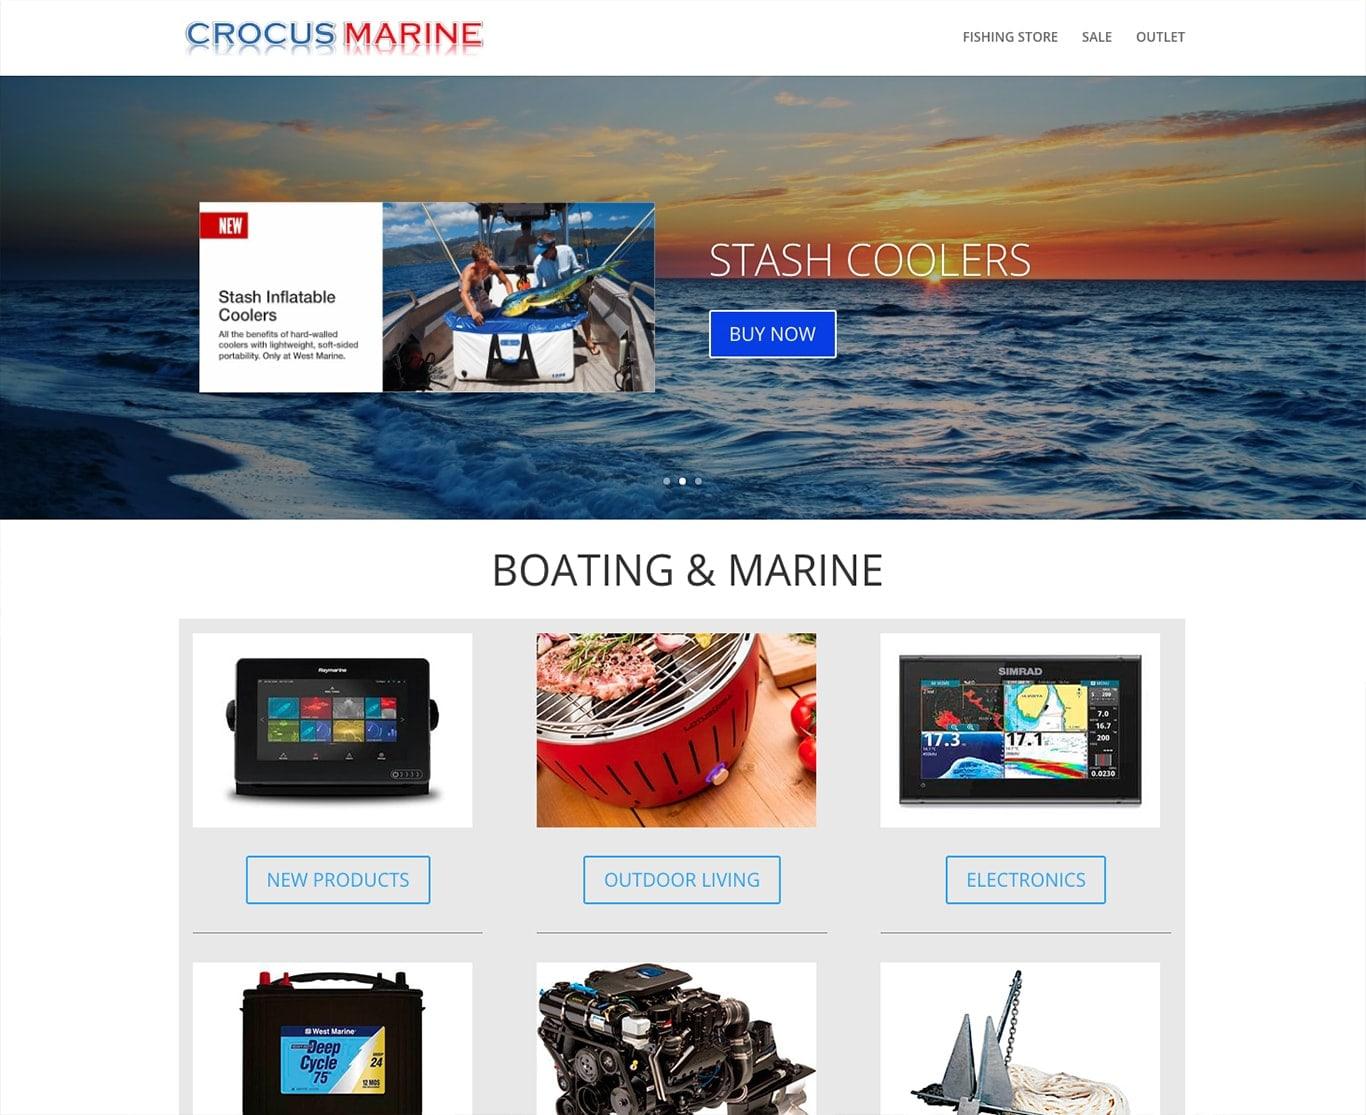 SEO-продвижение-сайтов-в-США-portfolio-seo-services-seotoptop.com-marine-usa